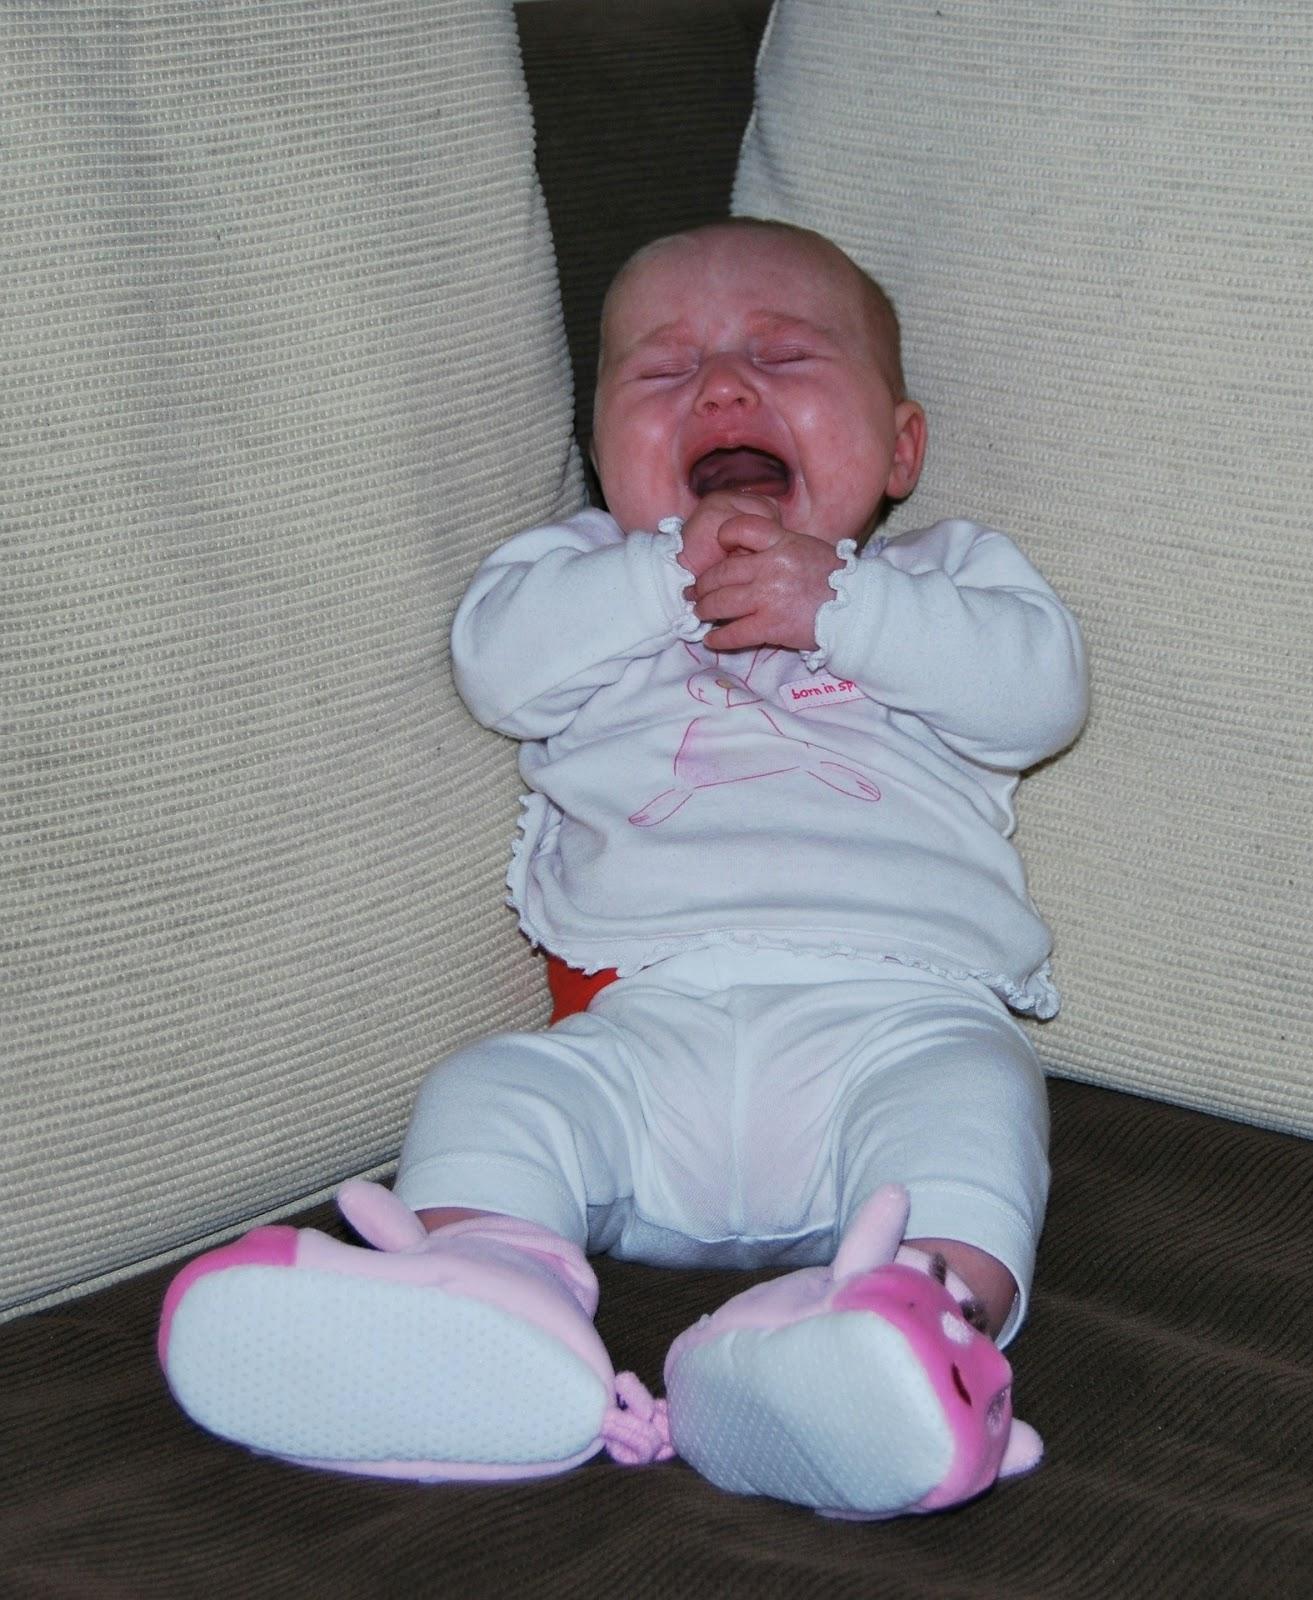 Baby sitzt auf Sofa und weint